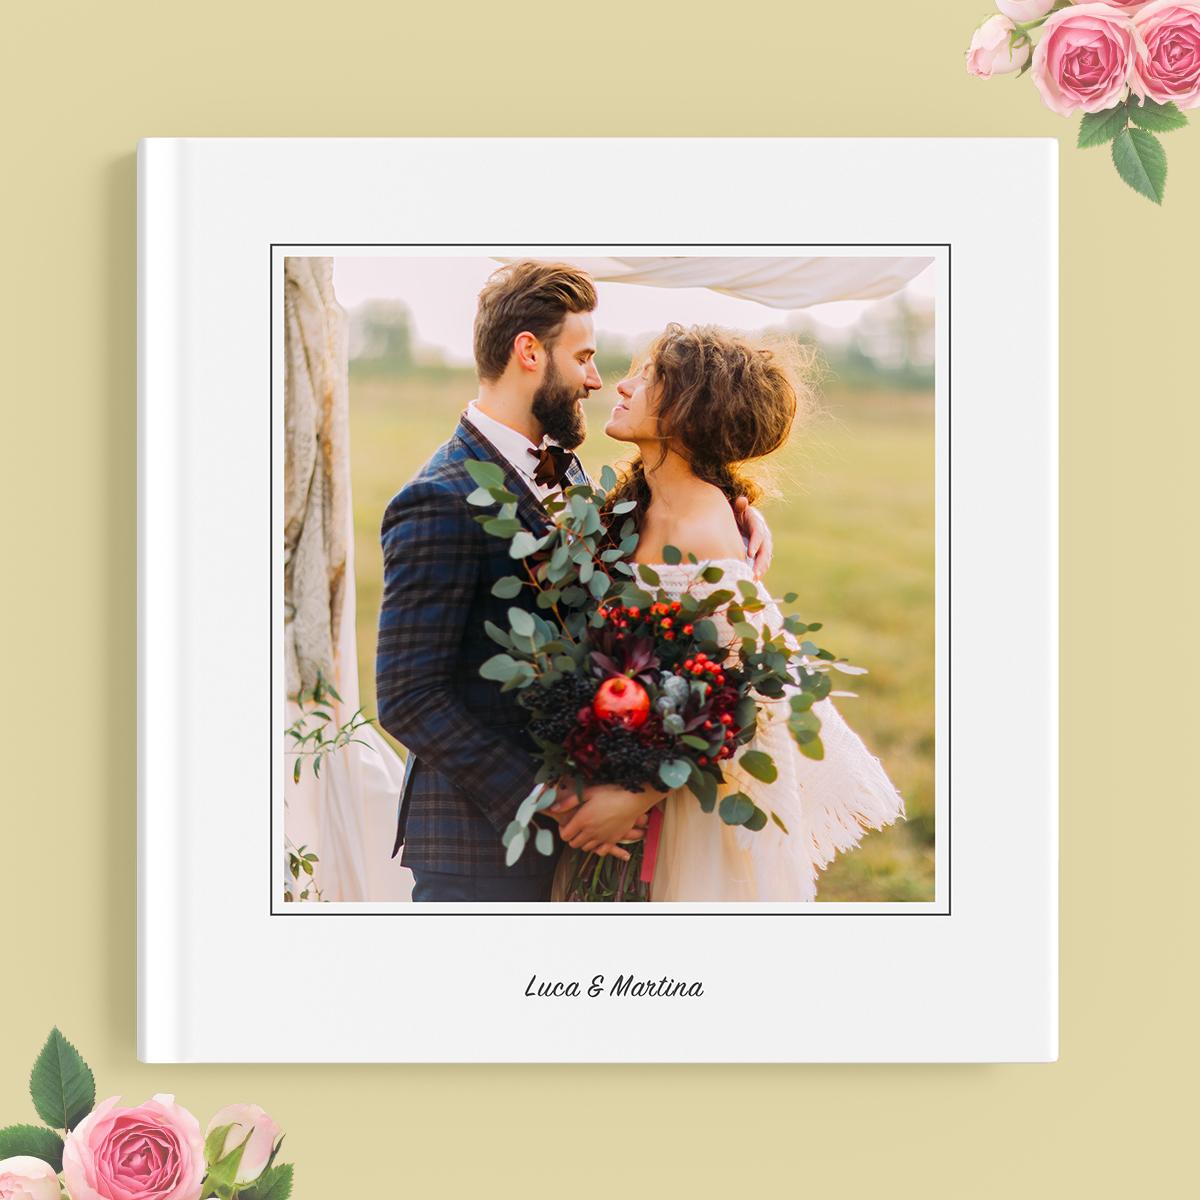 Eventi_Matrimonio